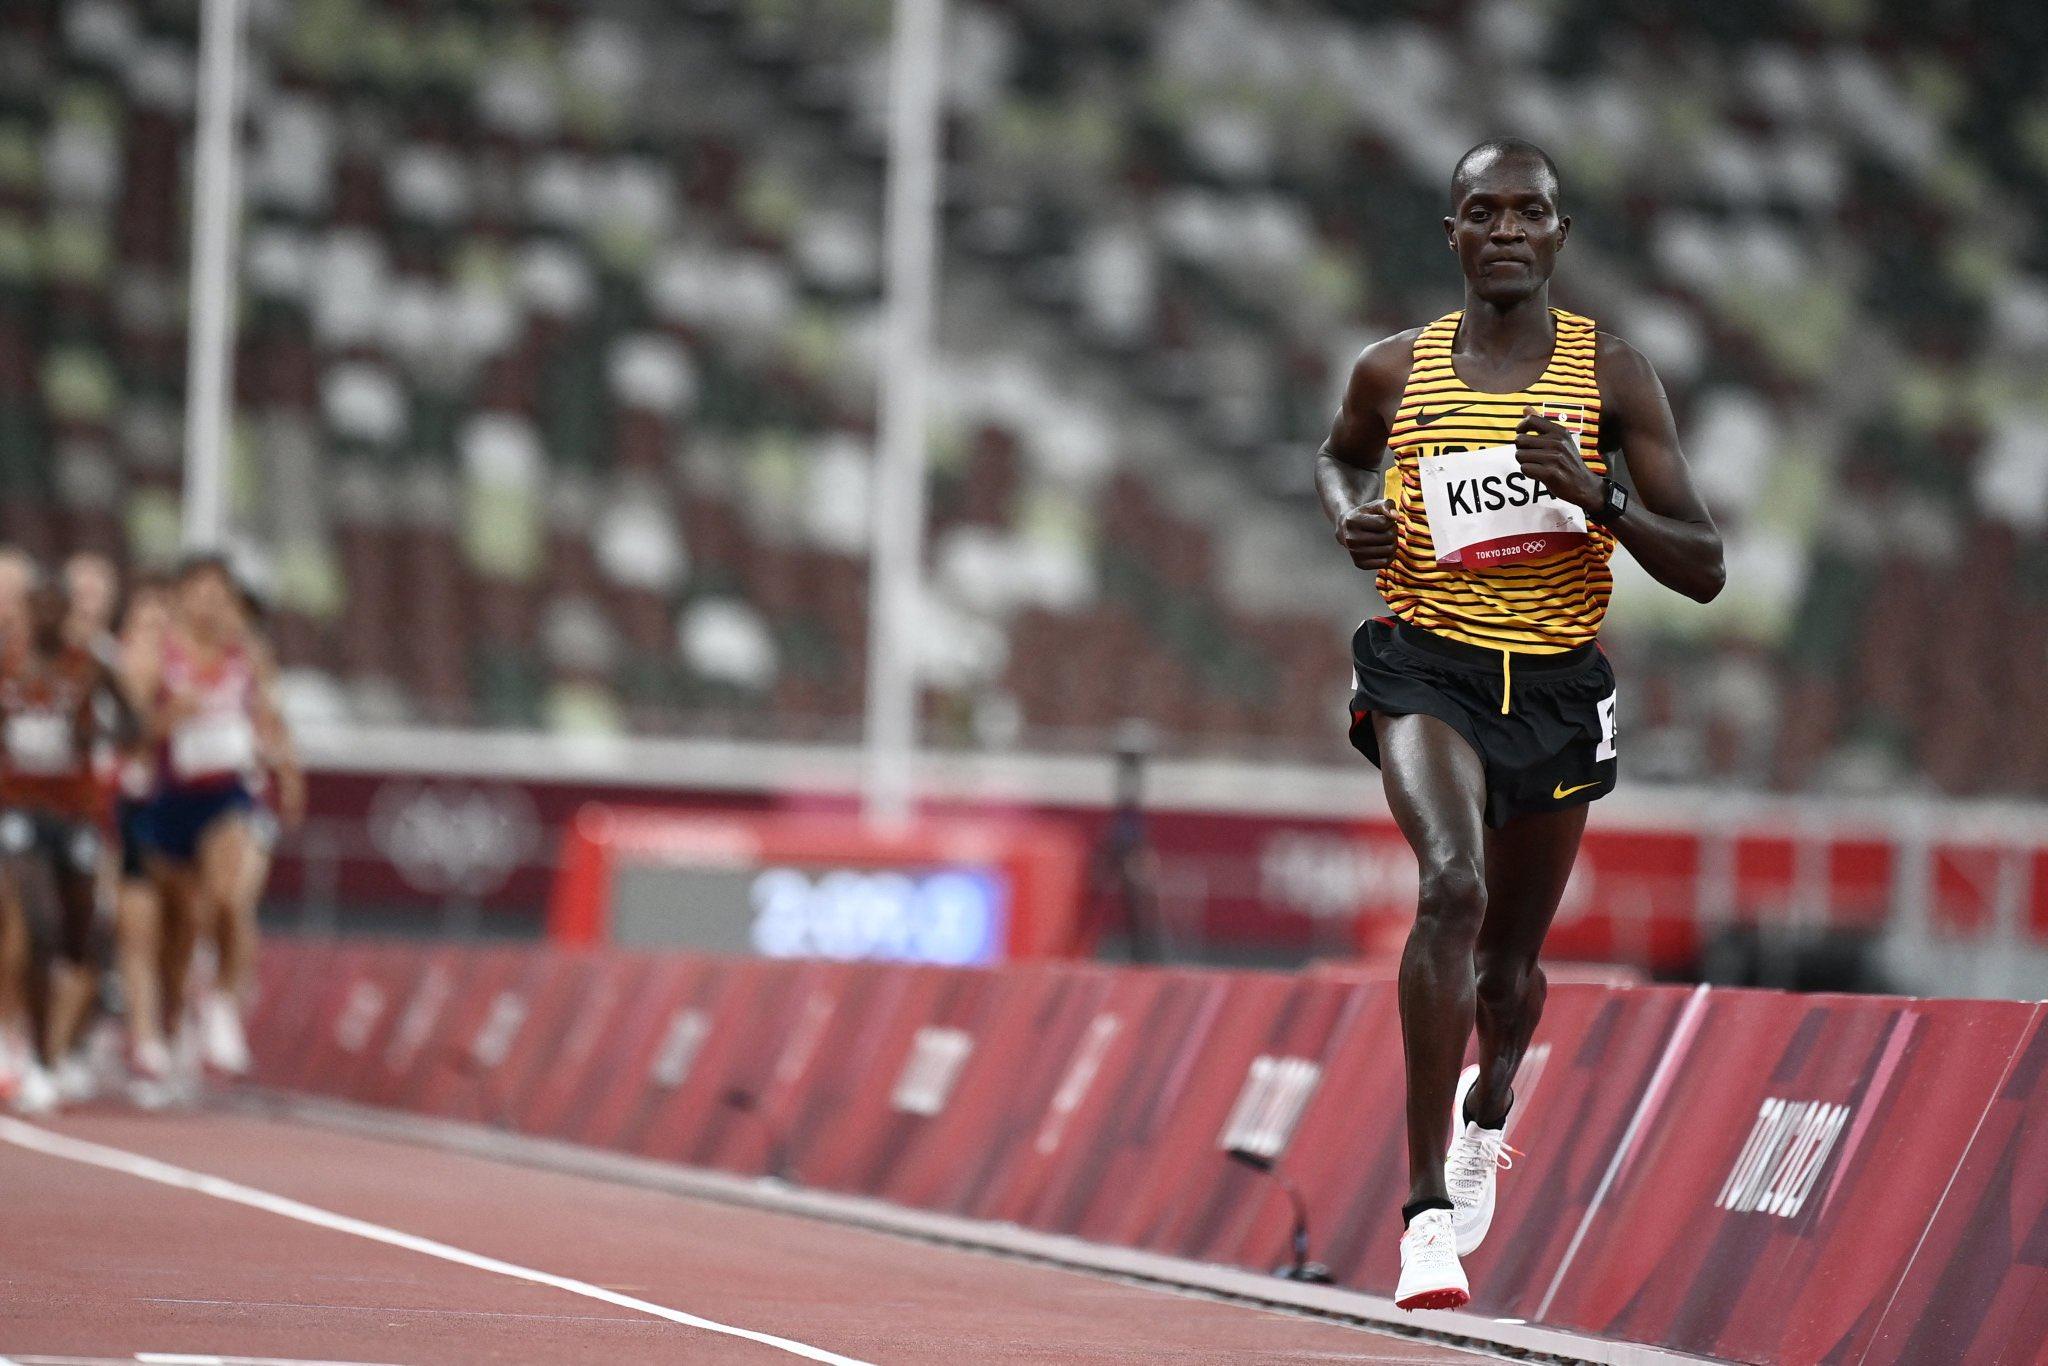 Kissa sớm vượt lên dẫn đầu cuộc đua 10.000m tối 30/7. Ảnh: Tokyo 2020